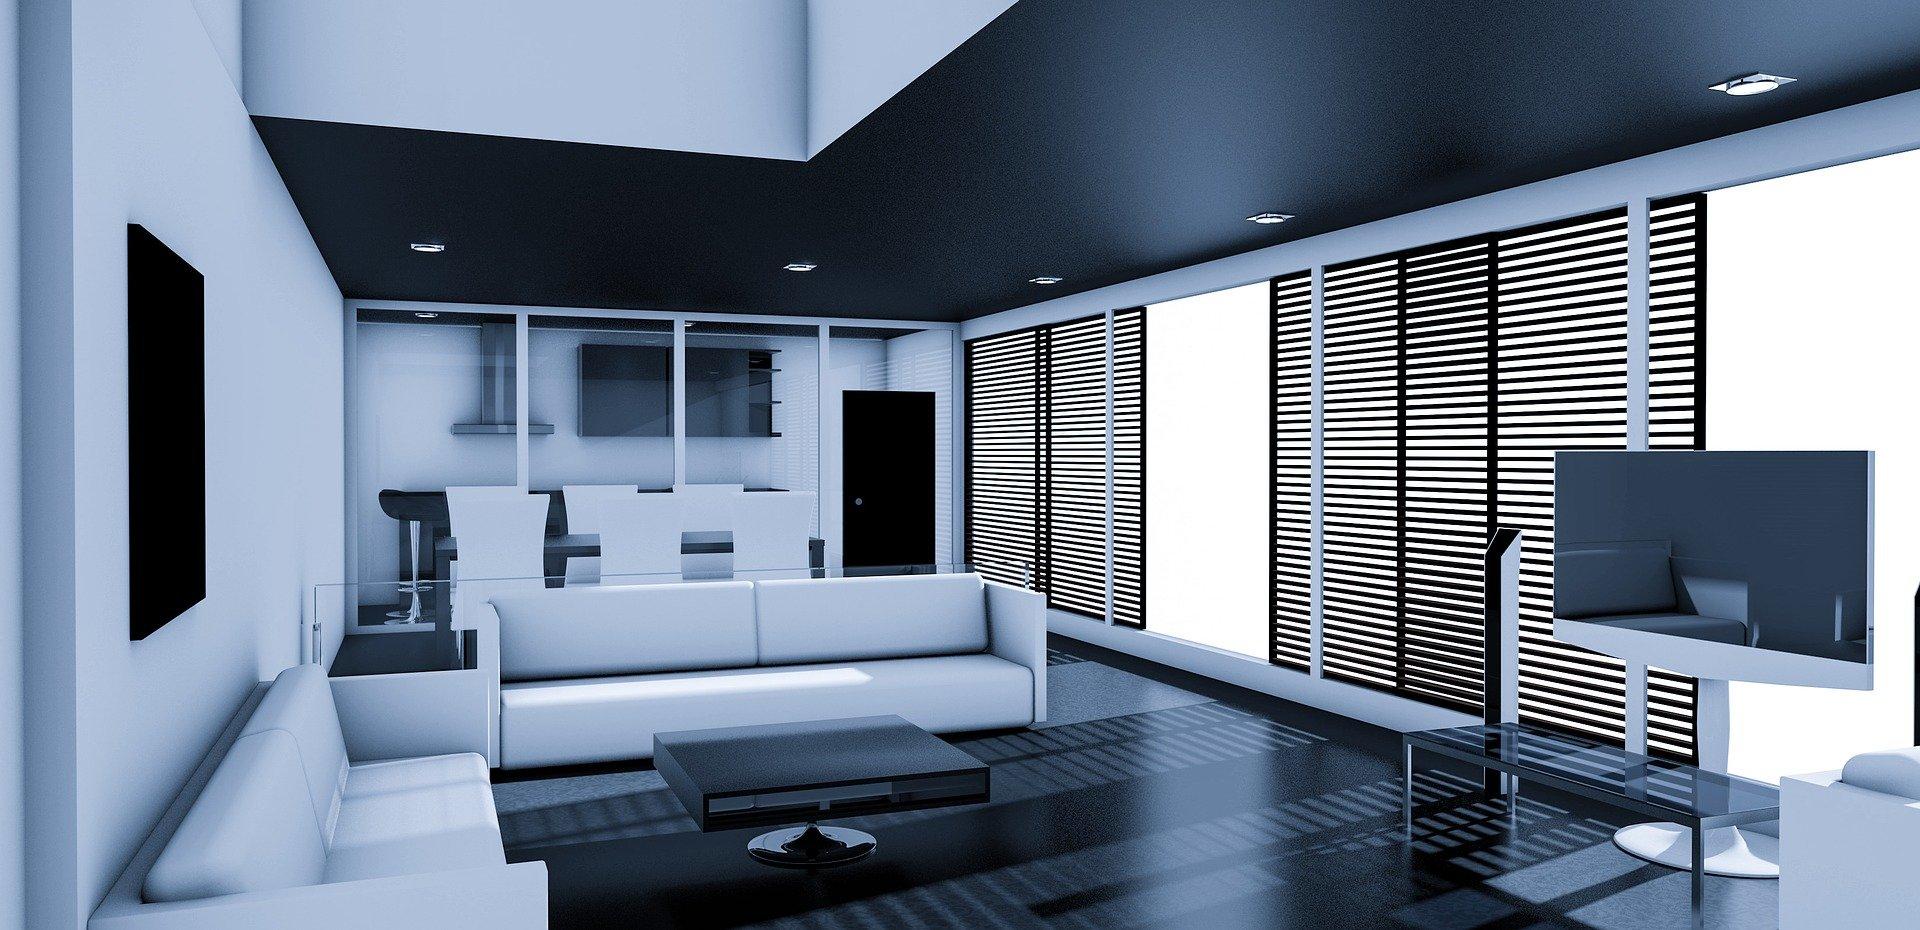 Living Room Apartment Room Interior Furniture